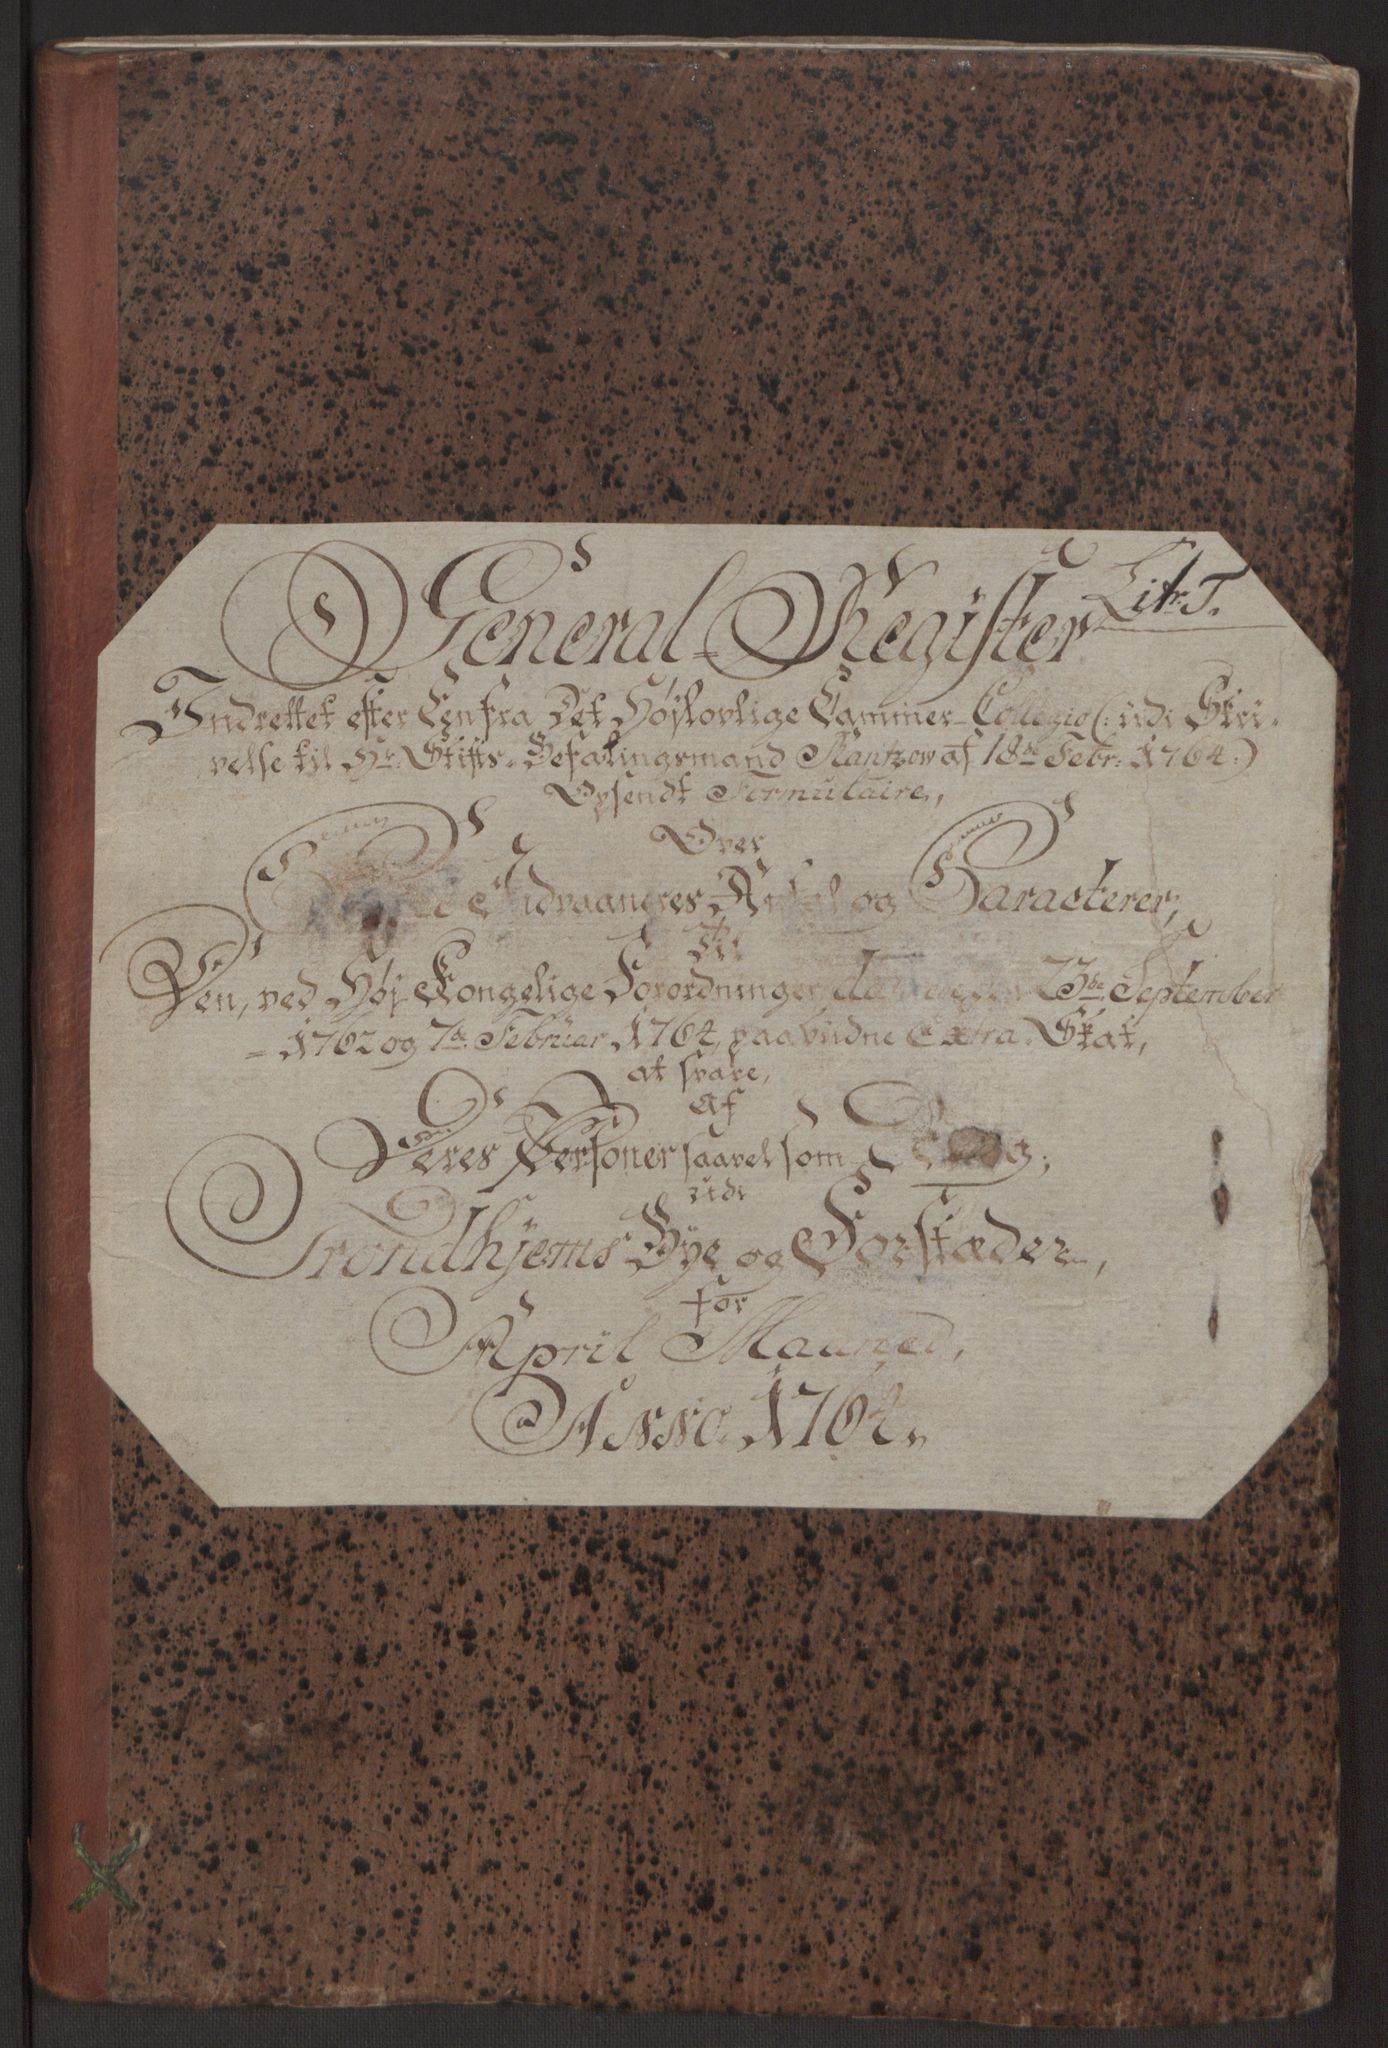 RA, Rentekammeret inntil 1814, Reviderte regnskaper, Byregnskaper, R/Rs/L0516: [S9] Kontribusjonsregnskap, 1762-1767, s. 200